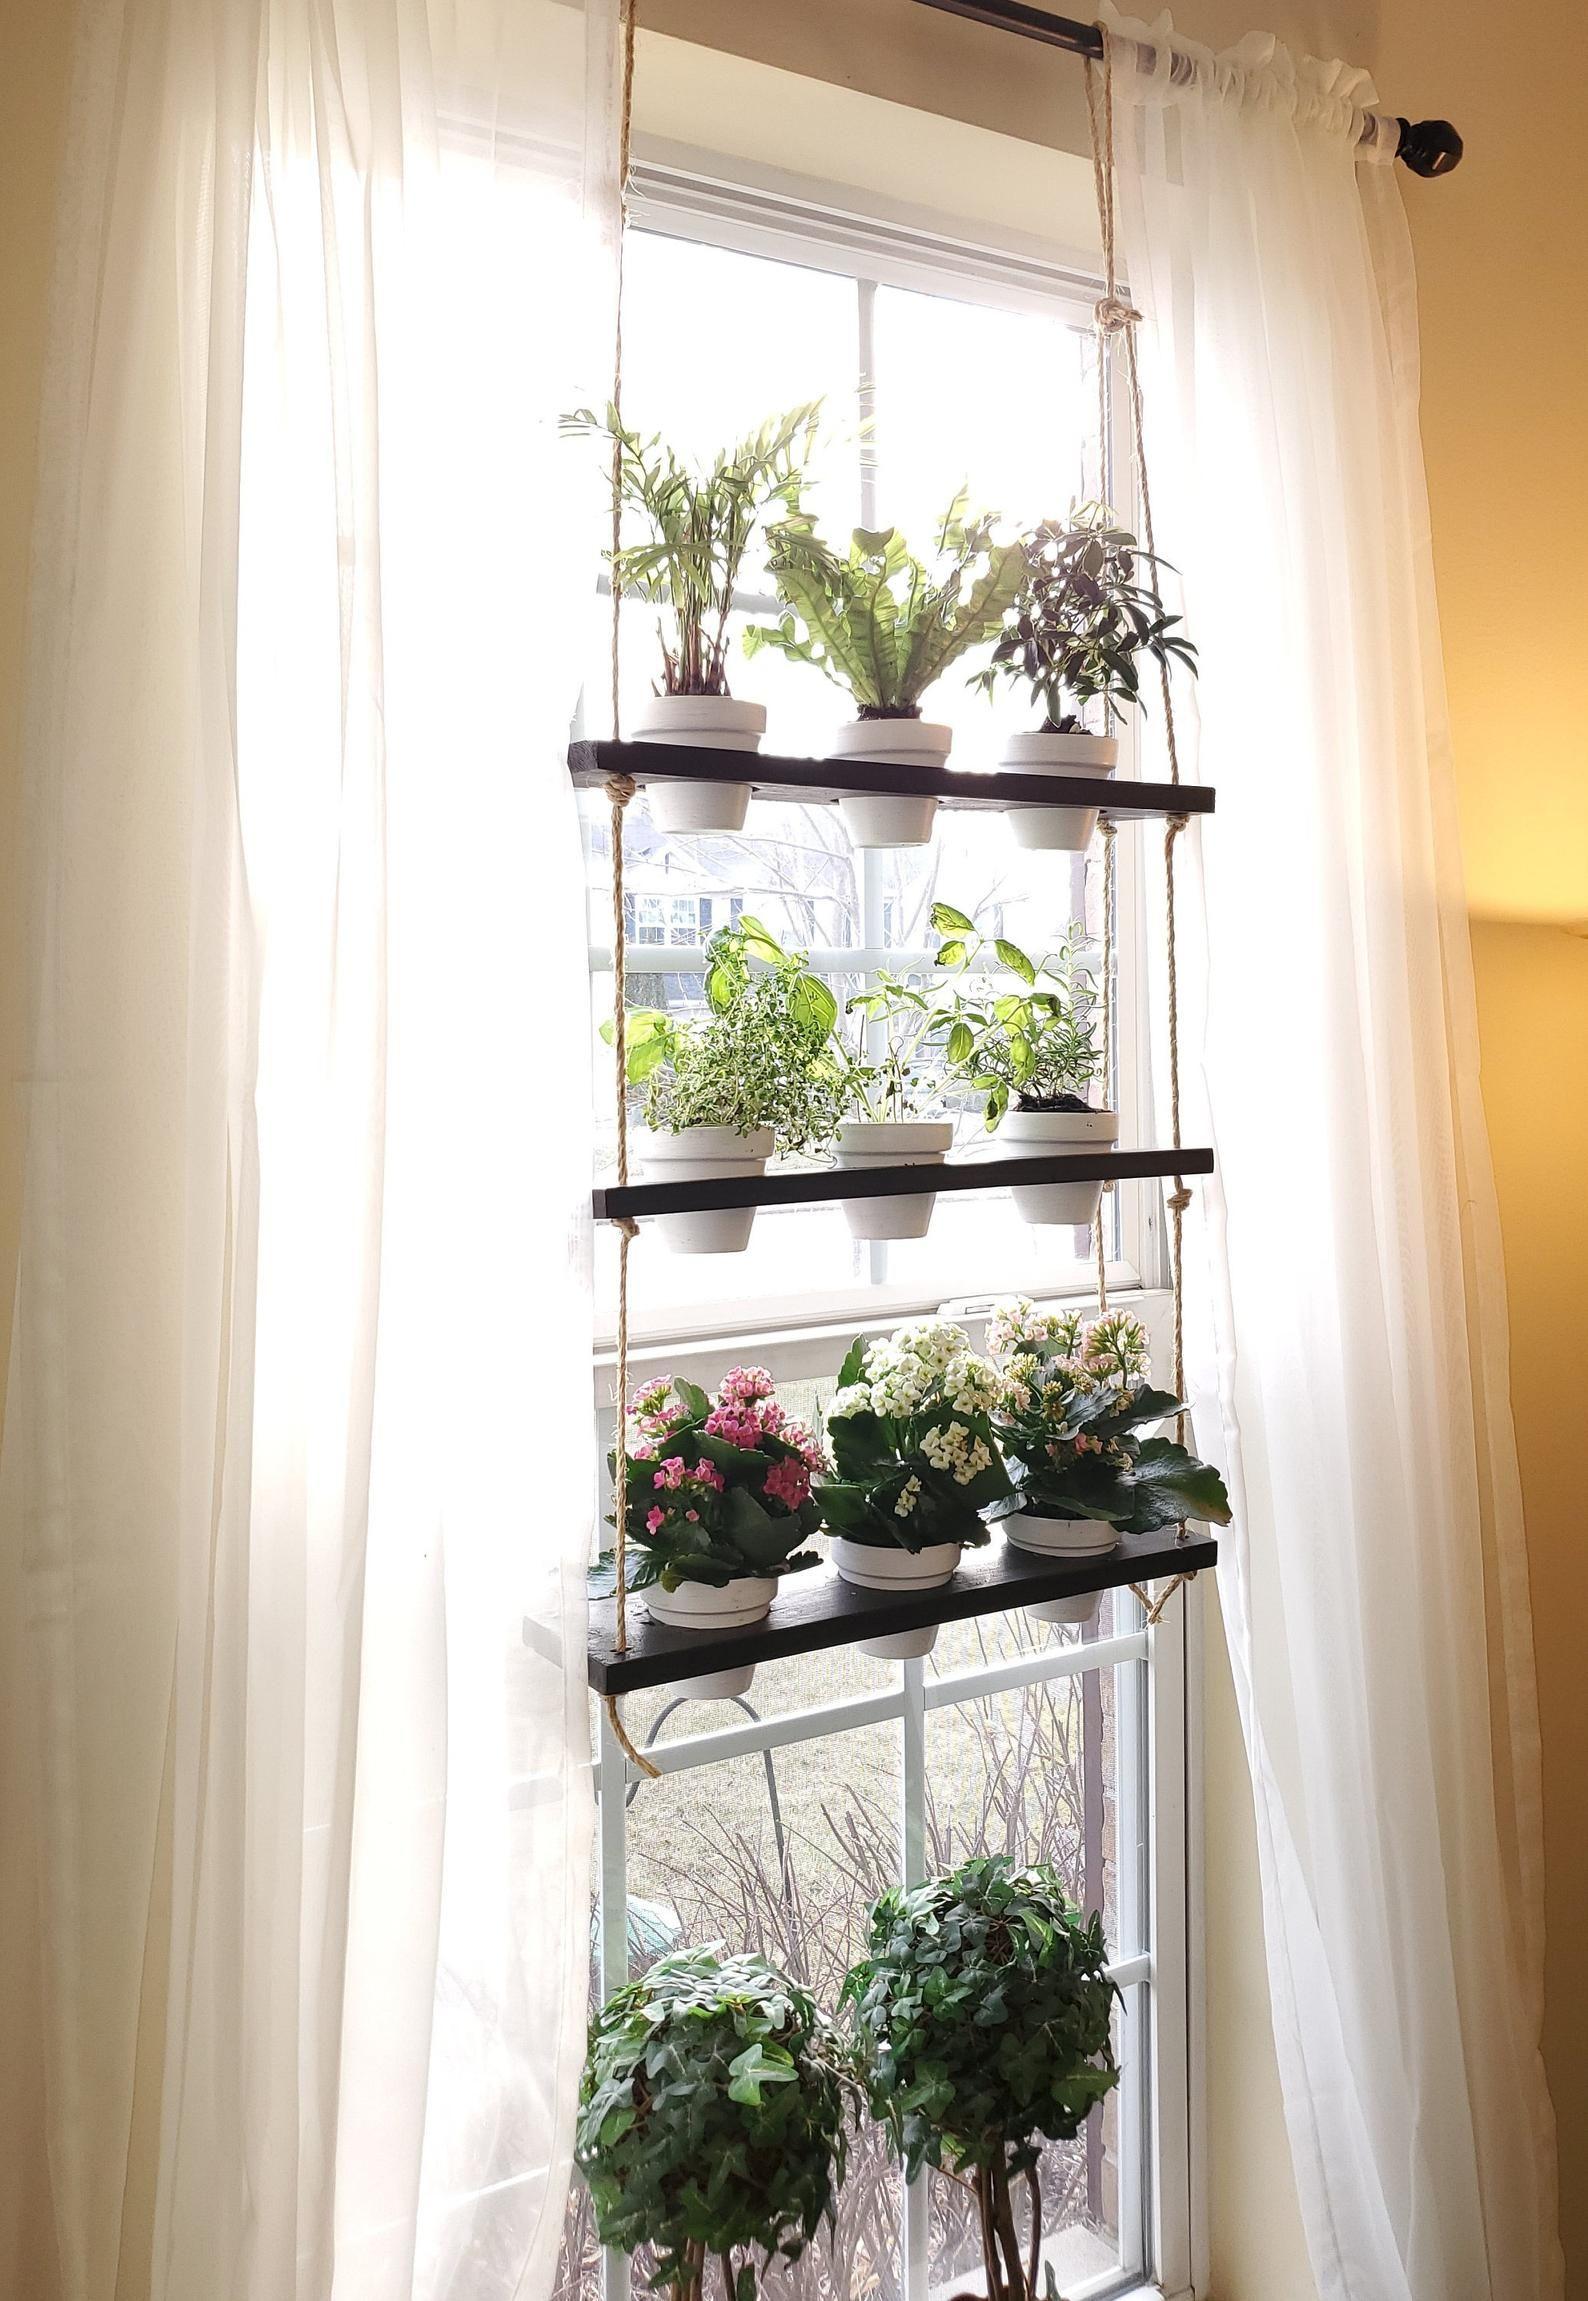 Planter Shelves, Indoor Herb Garden, Hanging Herb Garden Shelves, Bay Window Plant Shelf, Vertical Plant Shelf, Indoor Garden